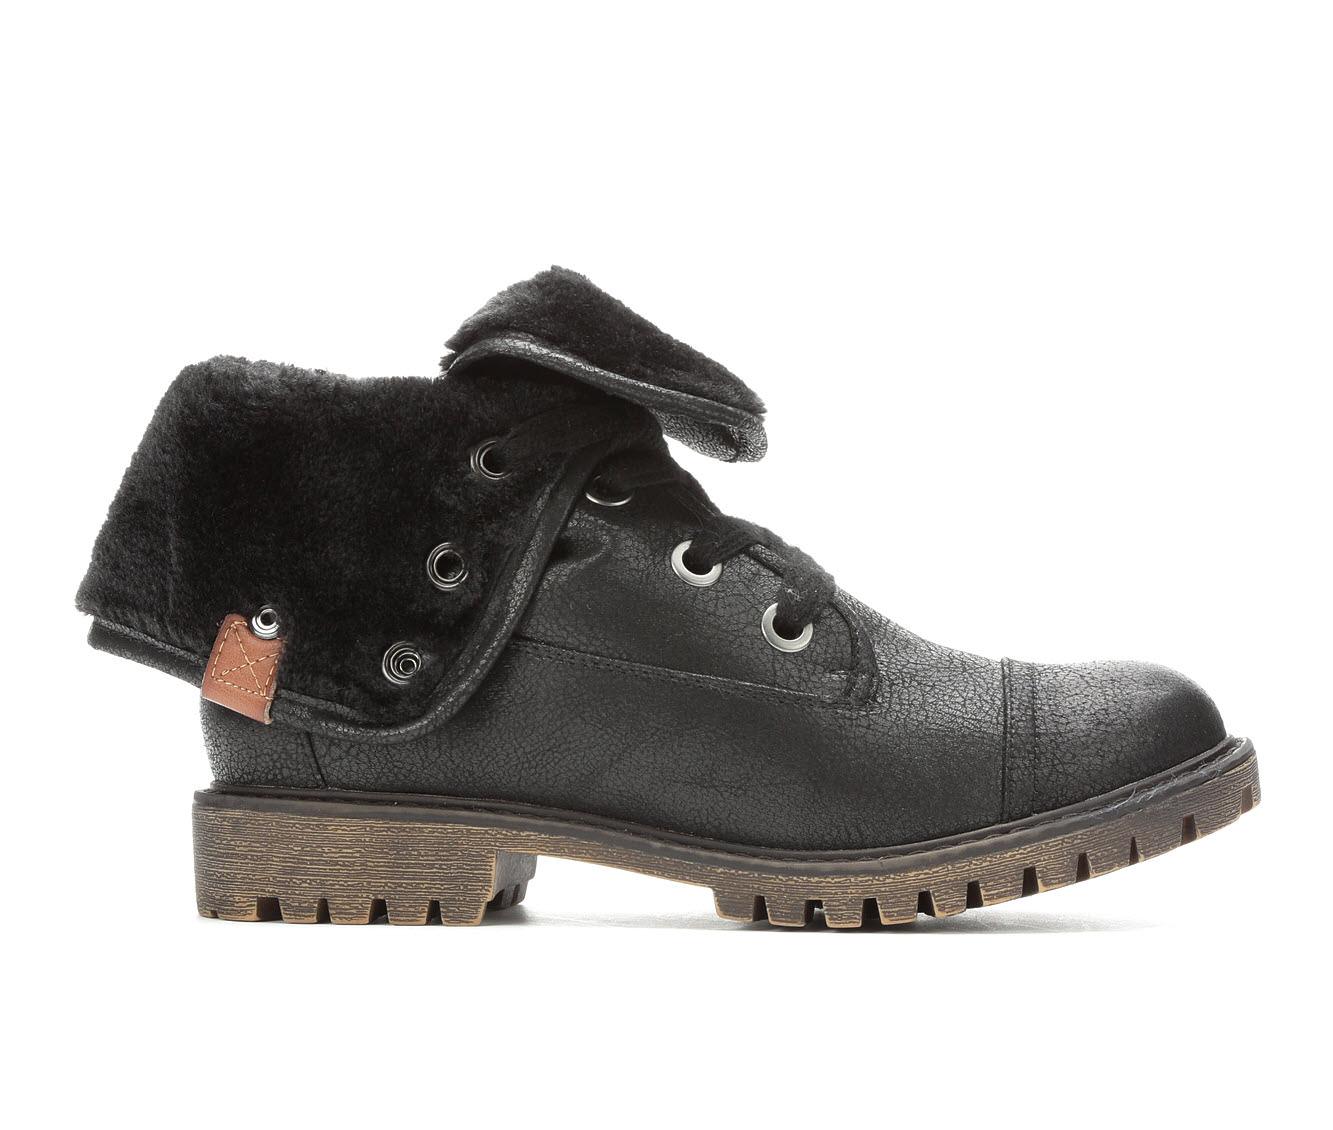 Roxy Bruna Women's Boot (Black Faux Leather)